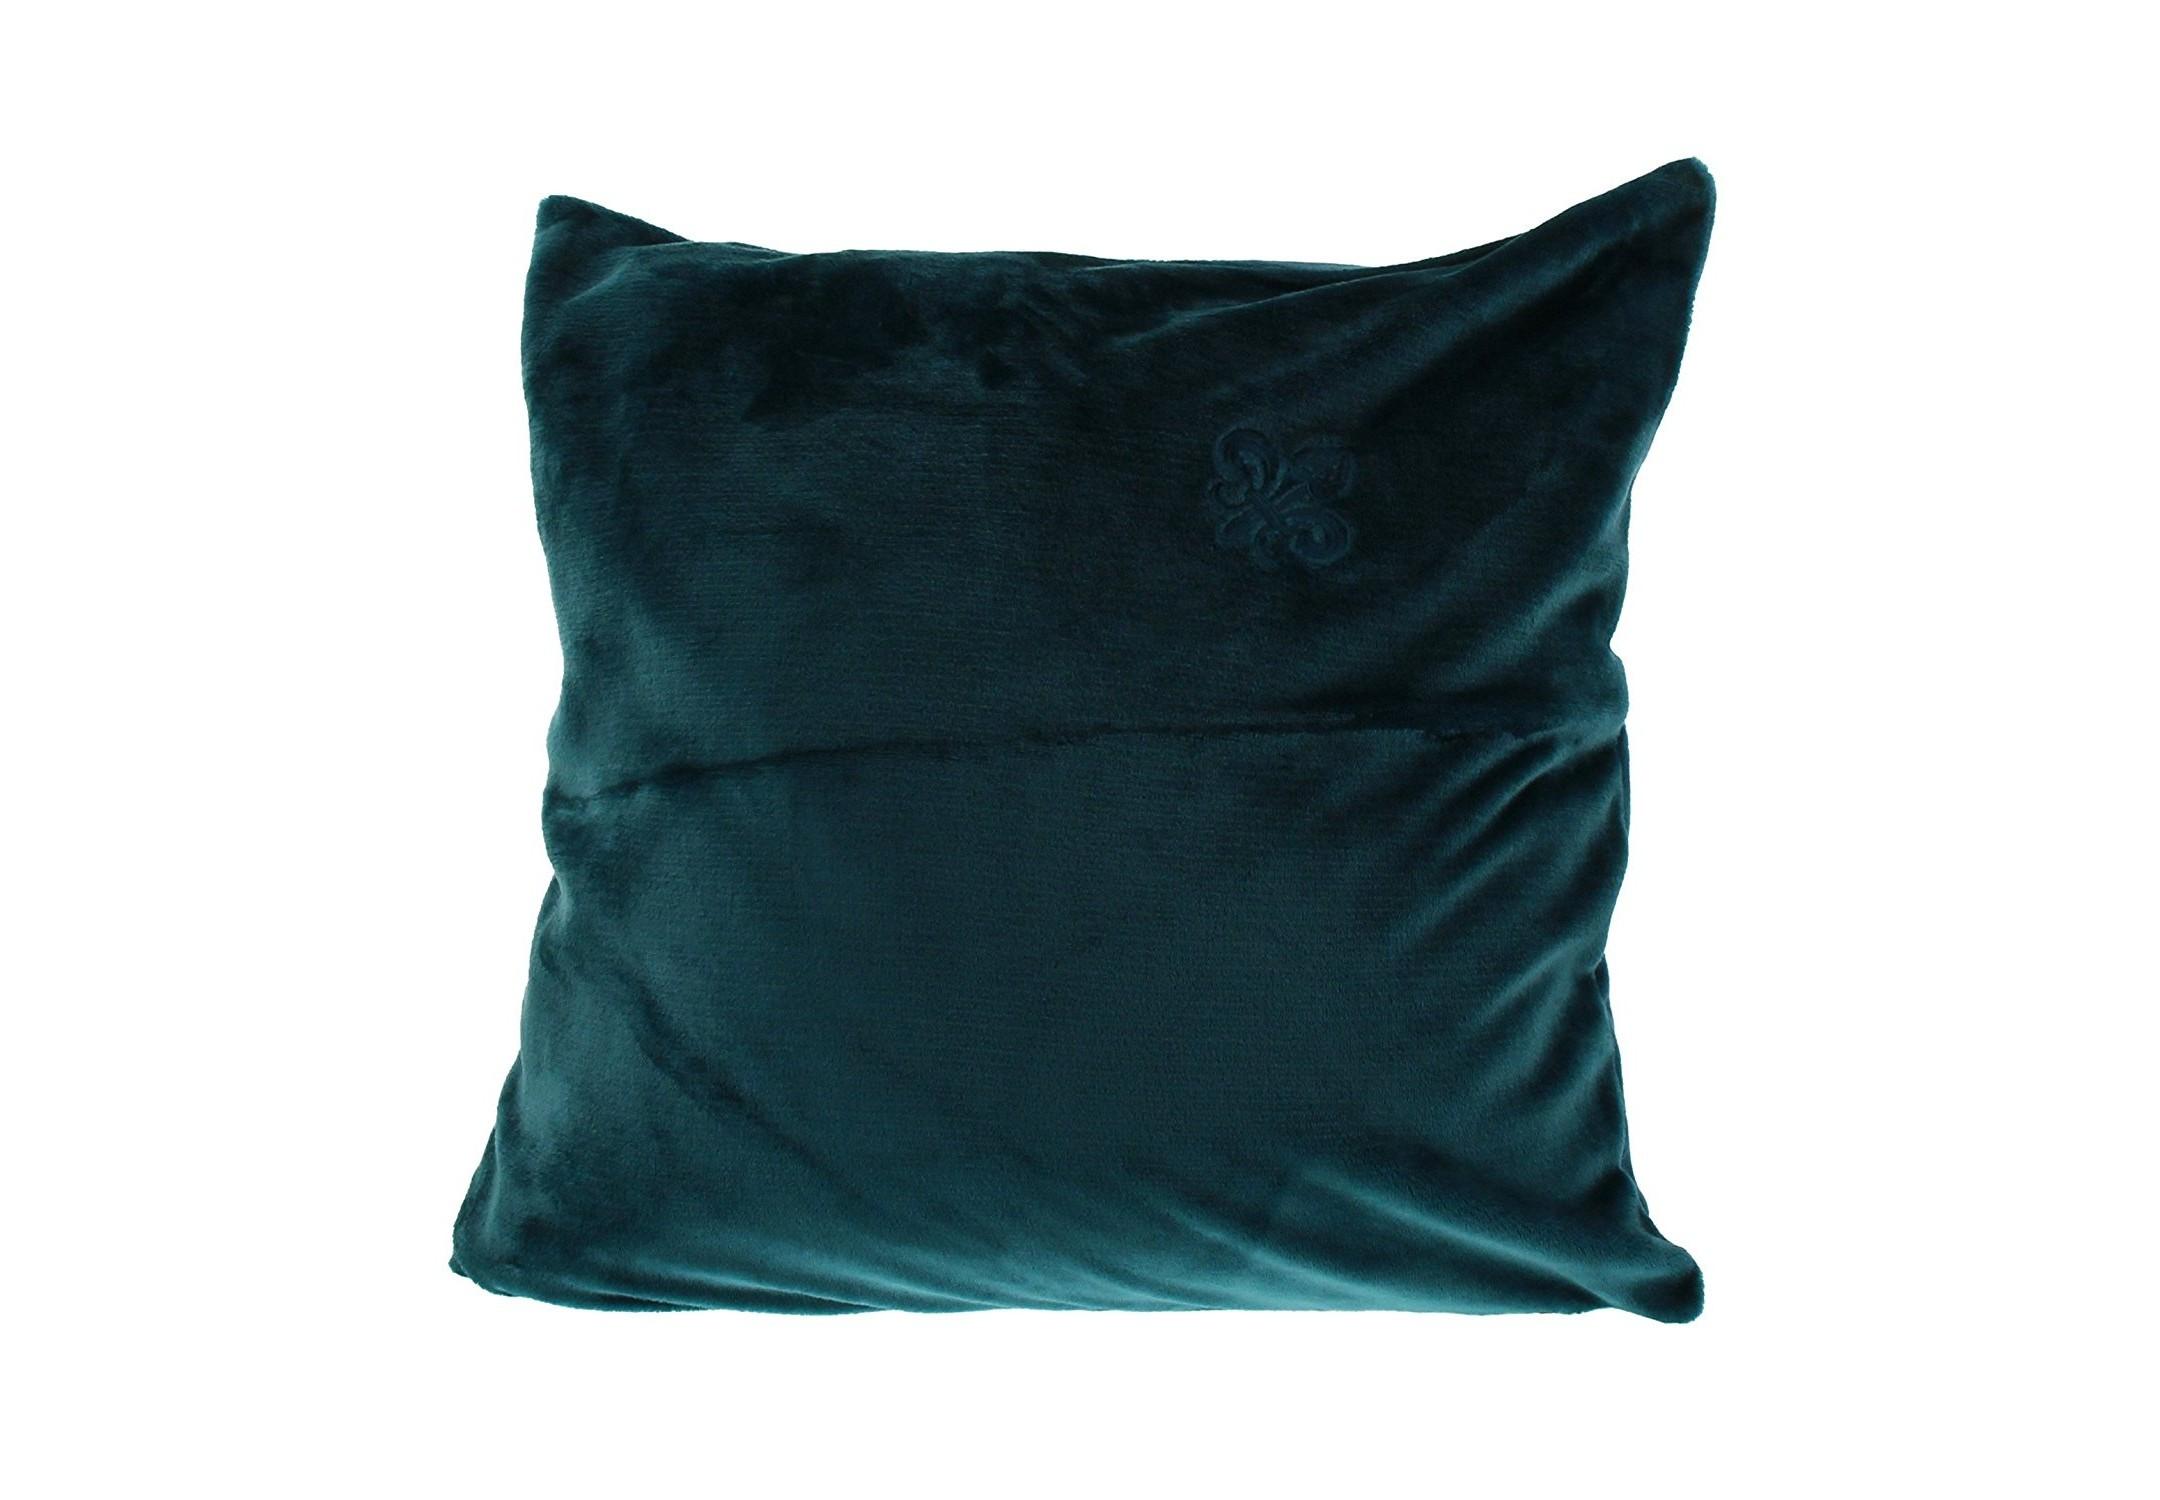 Подушка Fleur-de-LysКвадратные подушки и наволочки<br><br><br>Material: Микрофибра<br>Ширина см: 50<br>Высота см: 50